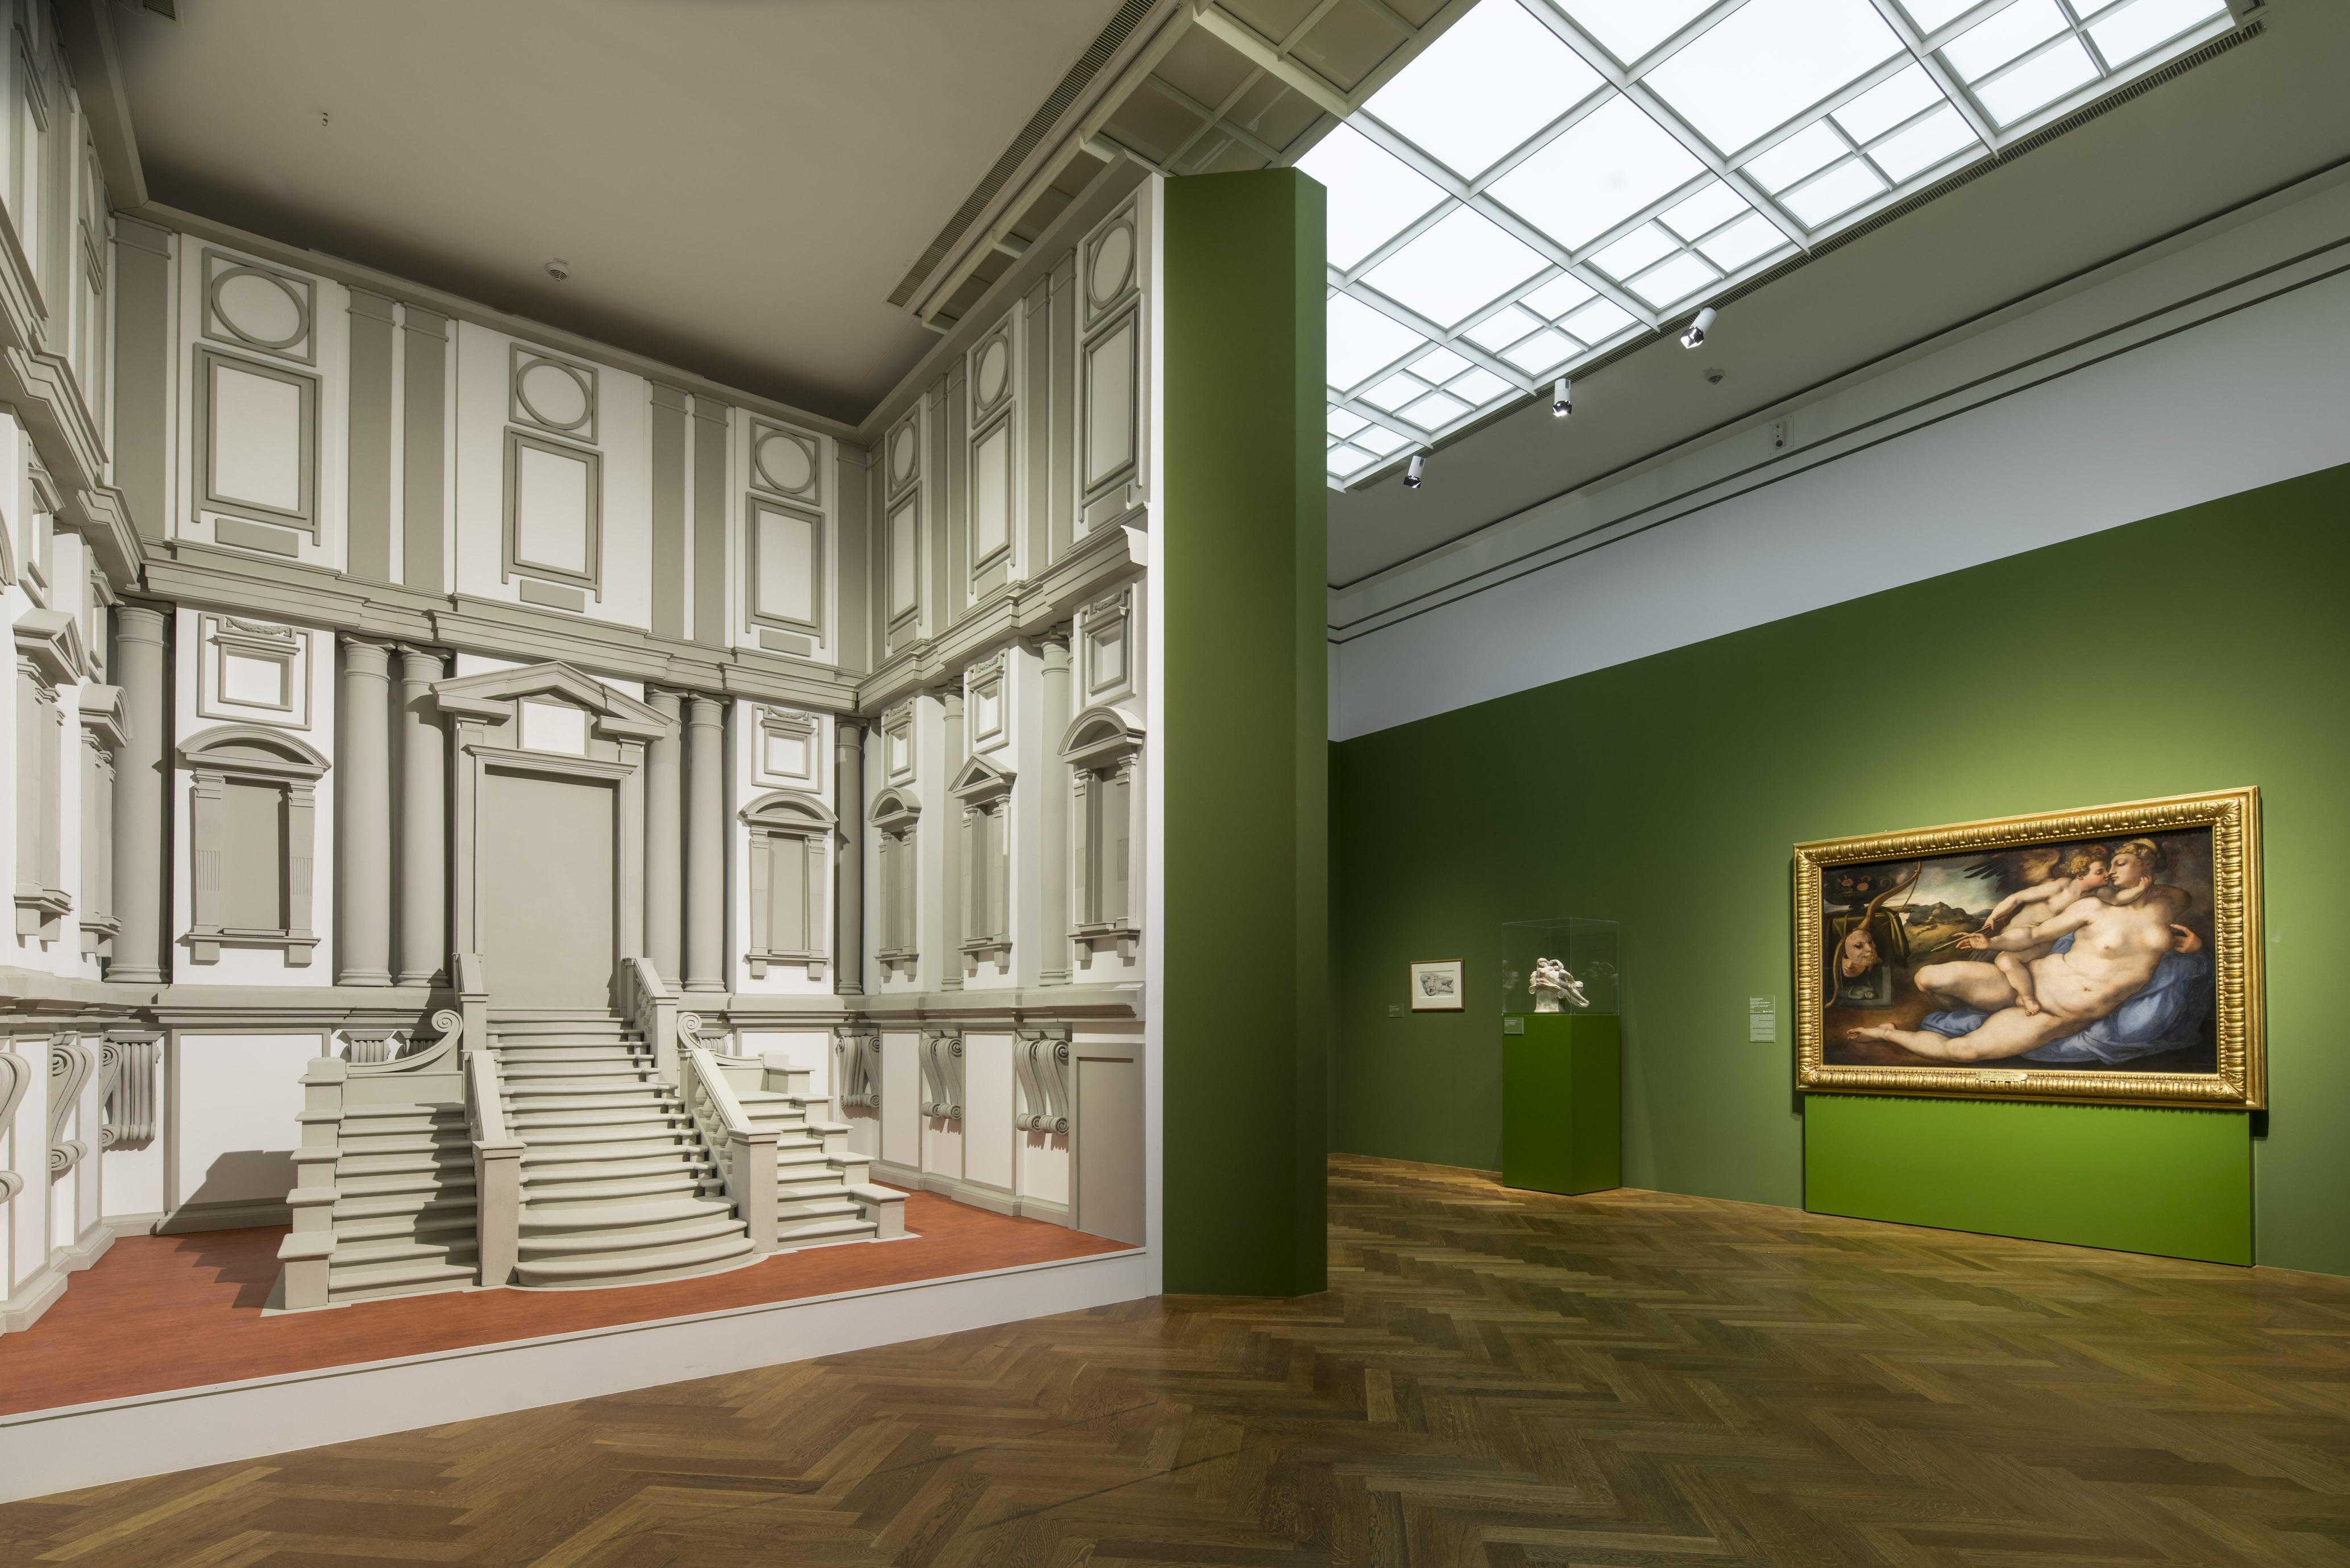 Fig. 2 Michelangelo San Lorenzo in exhibition